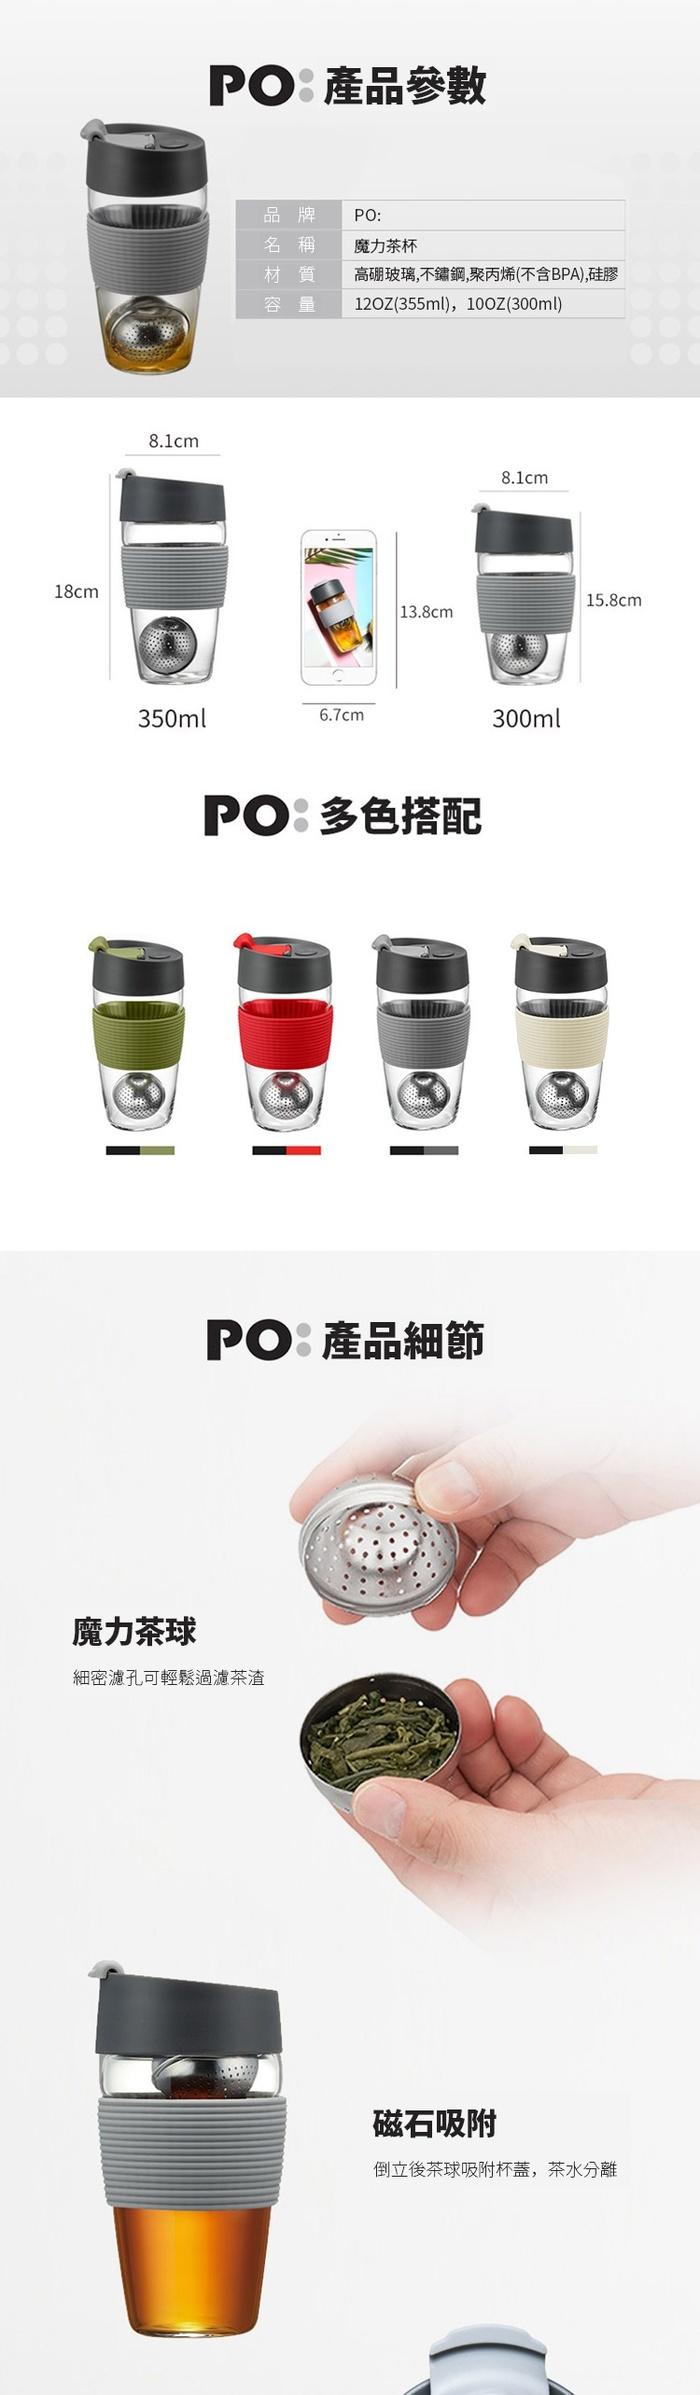 PO:Selected|丹麥磁吸濾球魔力杯12oz (紅色)